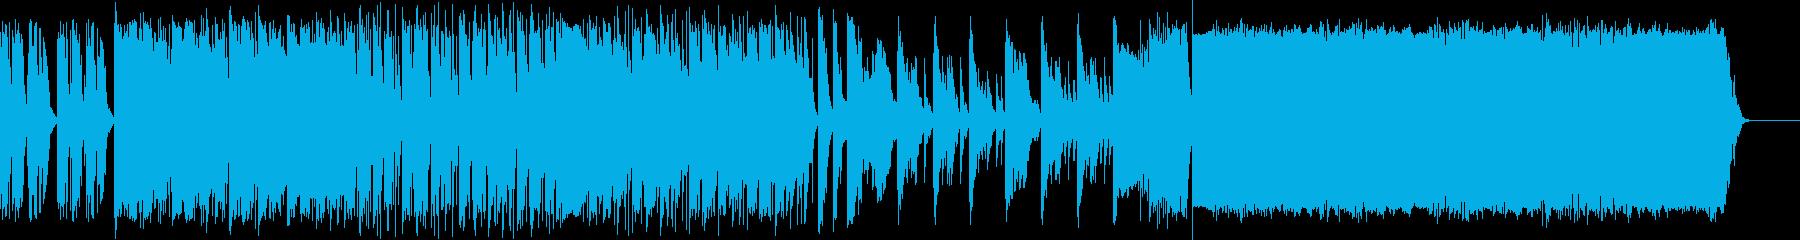 よさこい楽曲風BGM 和風 戦国 2.0の再生済みの波形